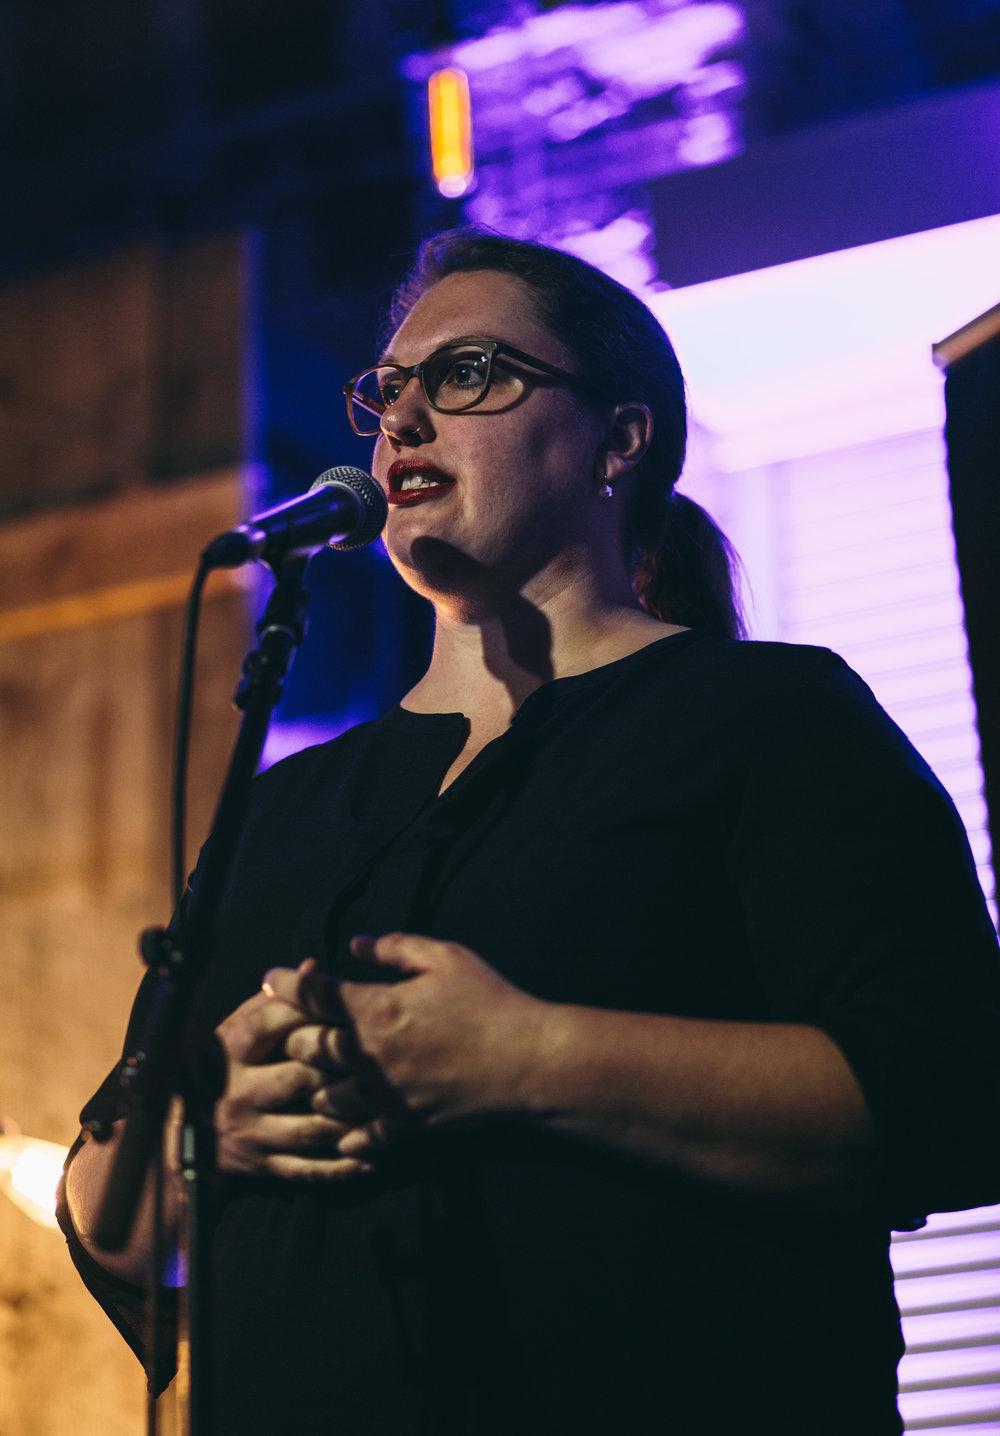 Ritornello Festival 2017 Saskatoon, SK Photo: Mike Morien